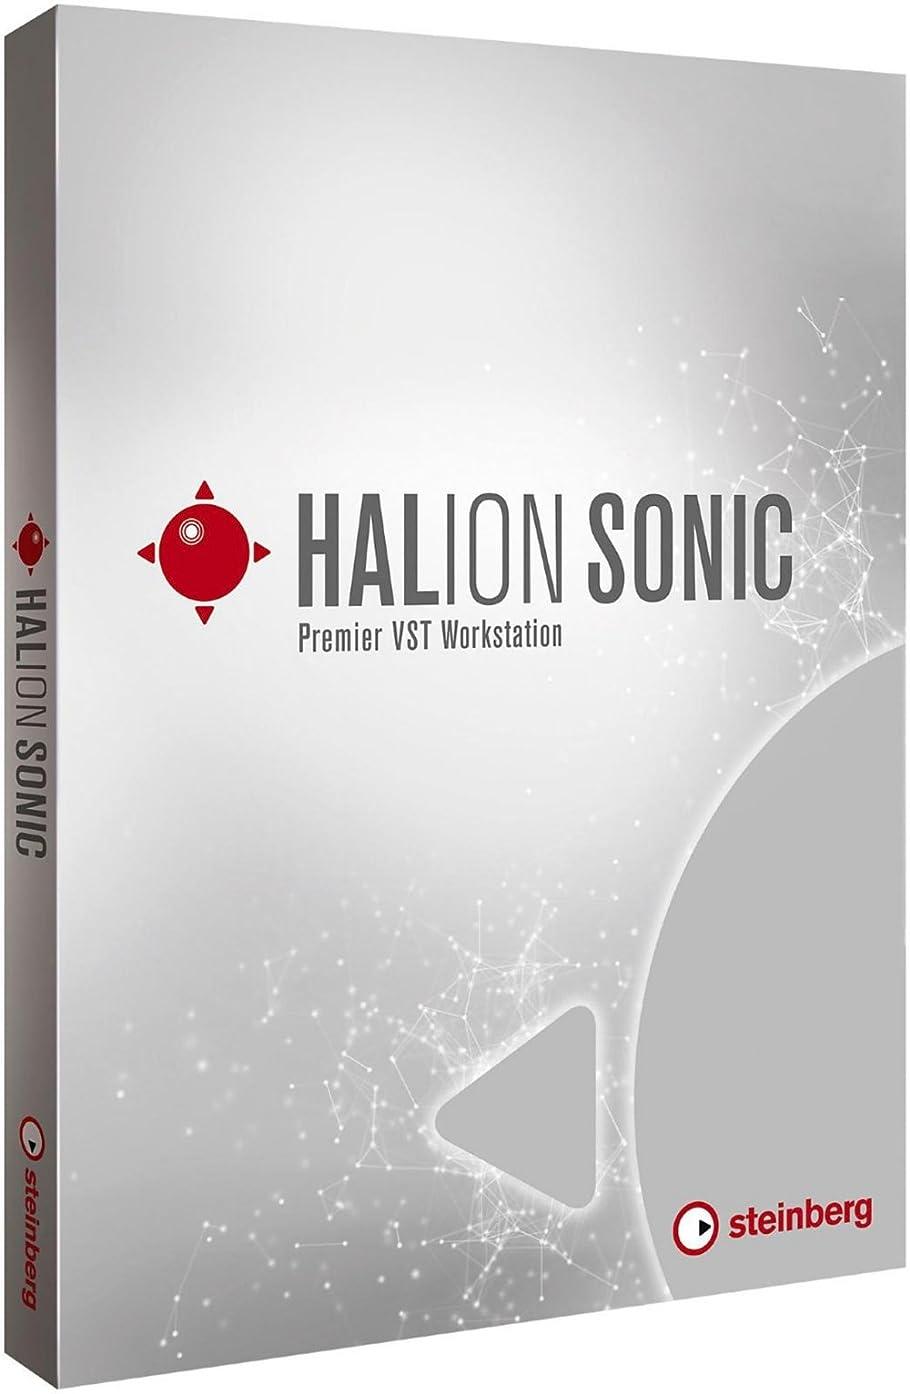 びっくりしたカウンターパートペストリーSteinberg HALion Sonic 3 Academic Package Ver. [並行輸入品]